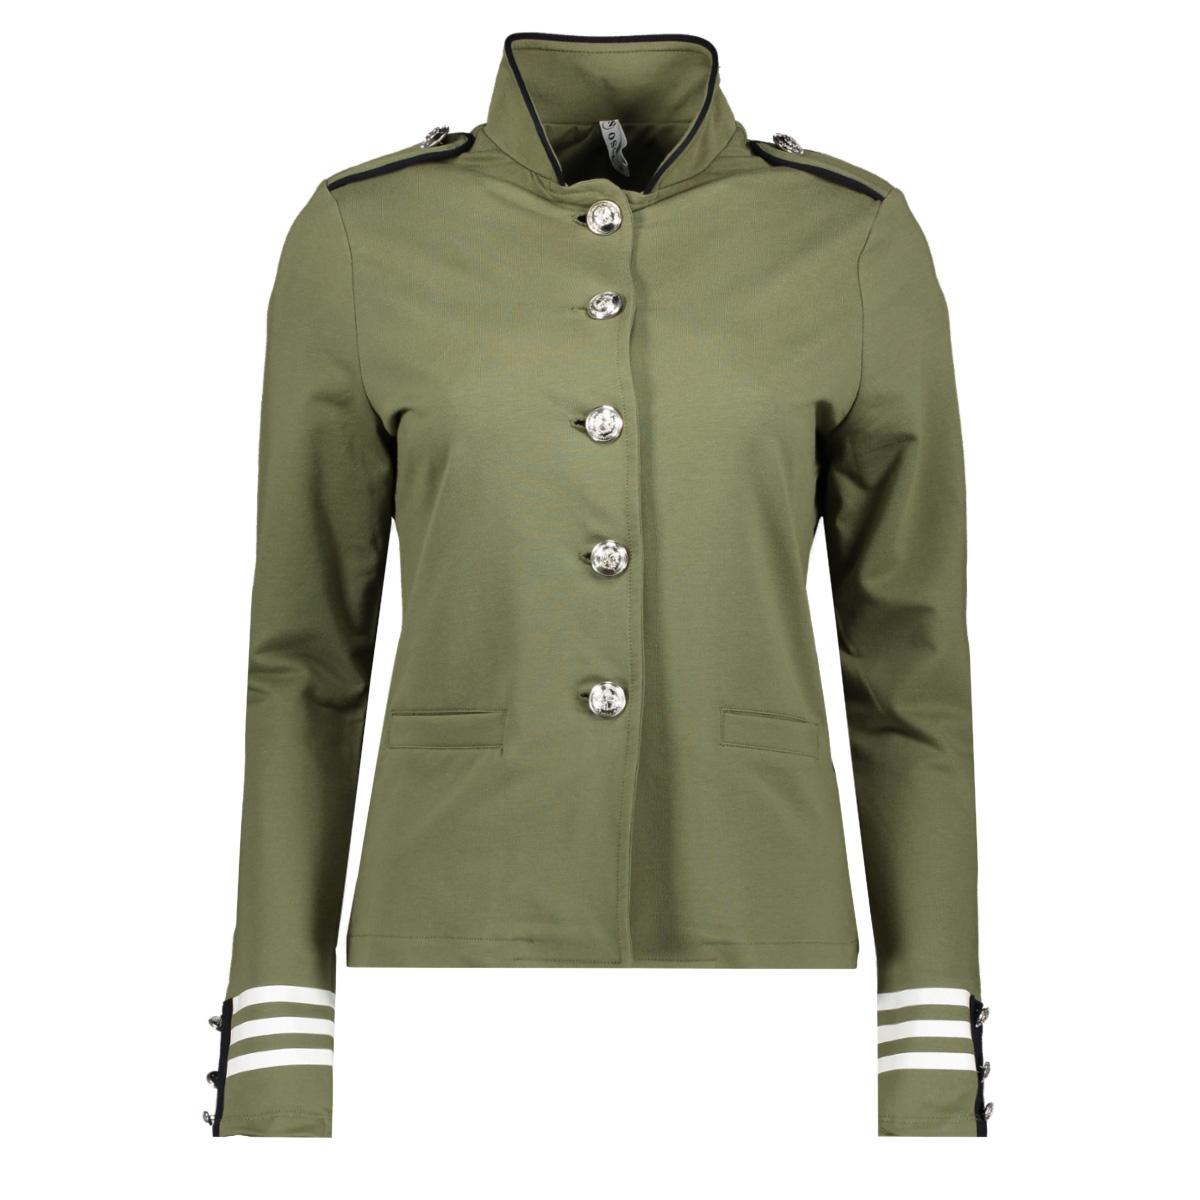 sr1915 military jacket zoso vest army/navy